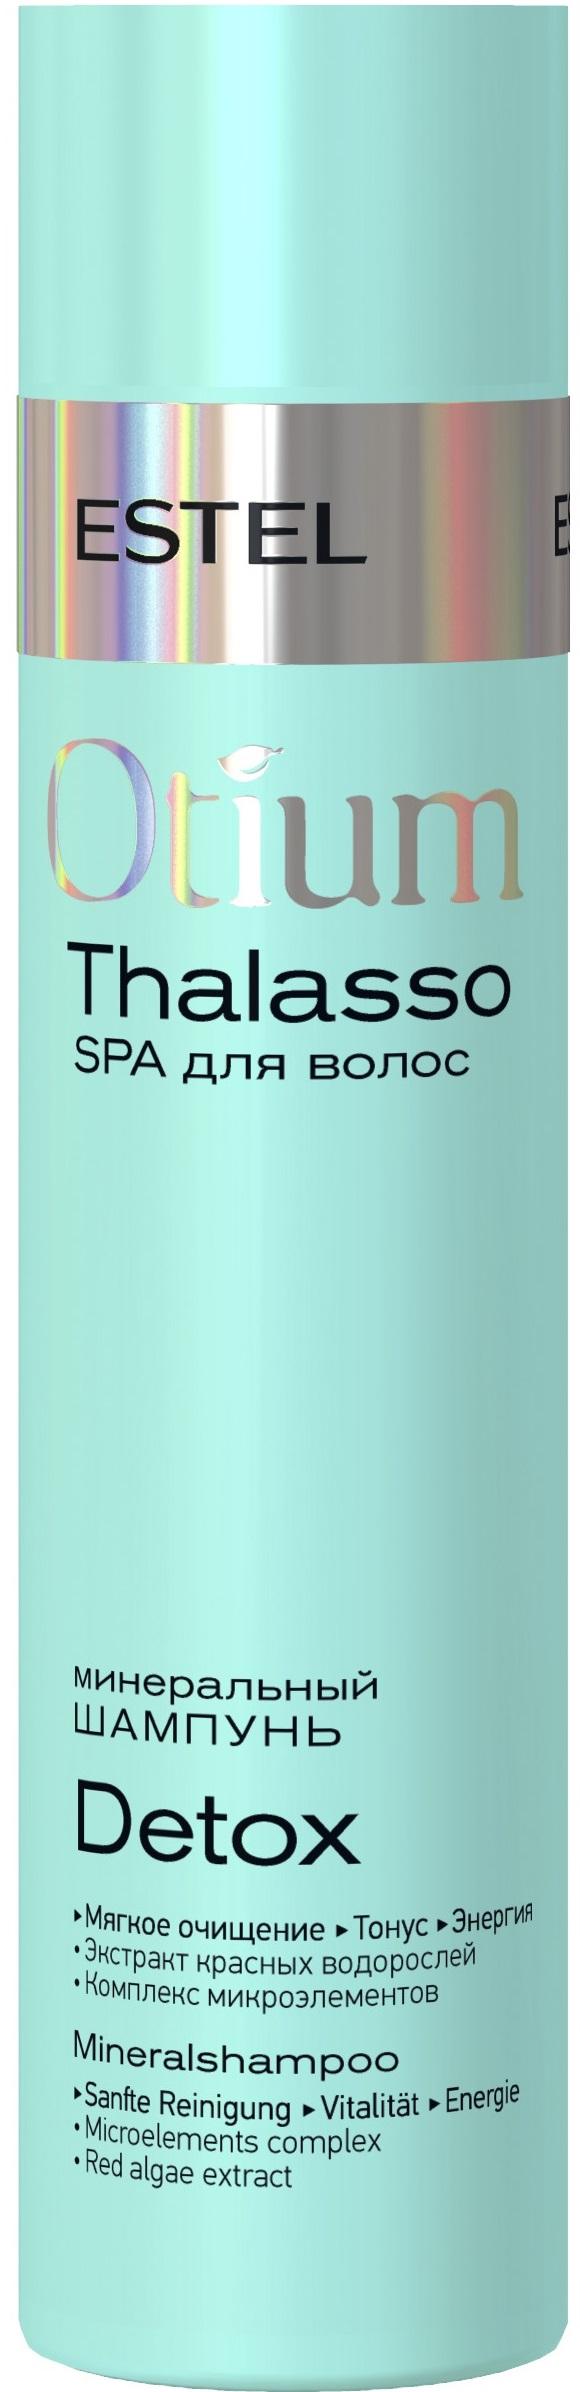 Шампунь для волос ESTEL PROFESSIONAL OTIUM THALASSO SPA минеральный detox 250 мл estel professional шампунь активатор стимулирующий рост волос otium unique 250мл